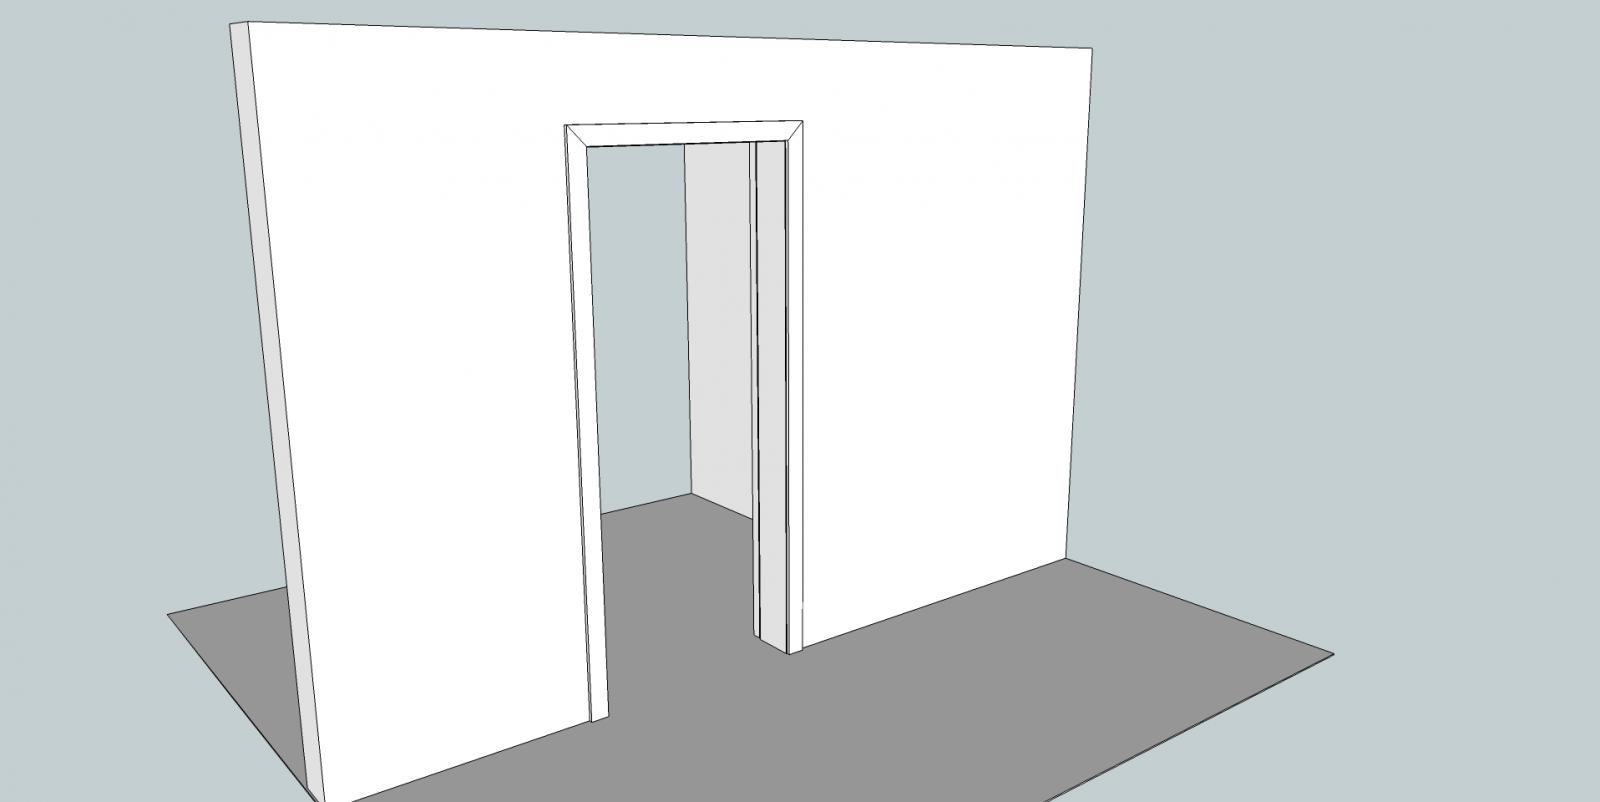 Porte coulissante en applique probl me de dimensions - Dimensions porte coulissante ...